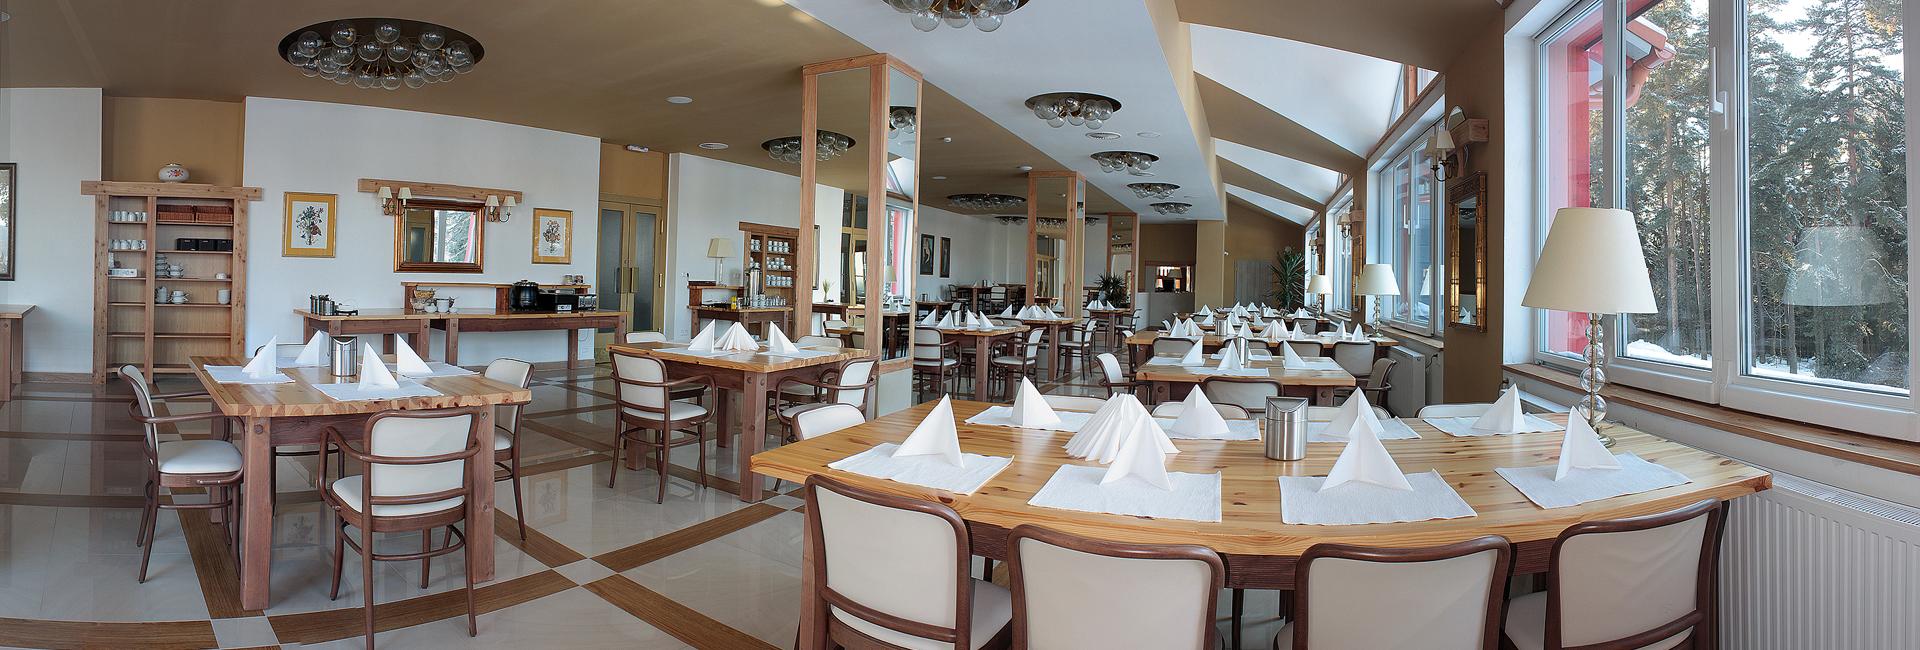 Hotel BouCZECH *** - snídaňová místnost